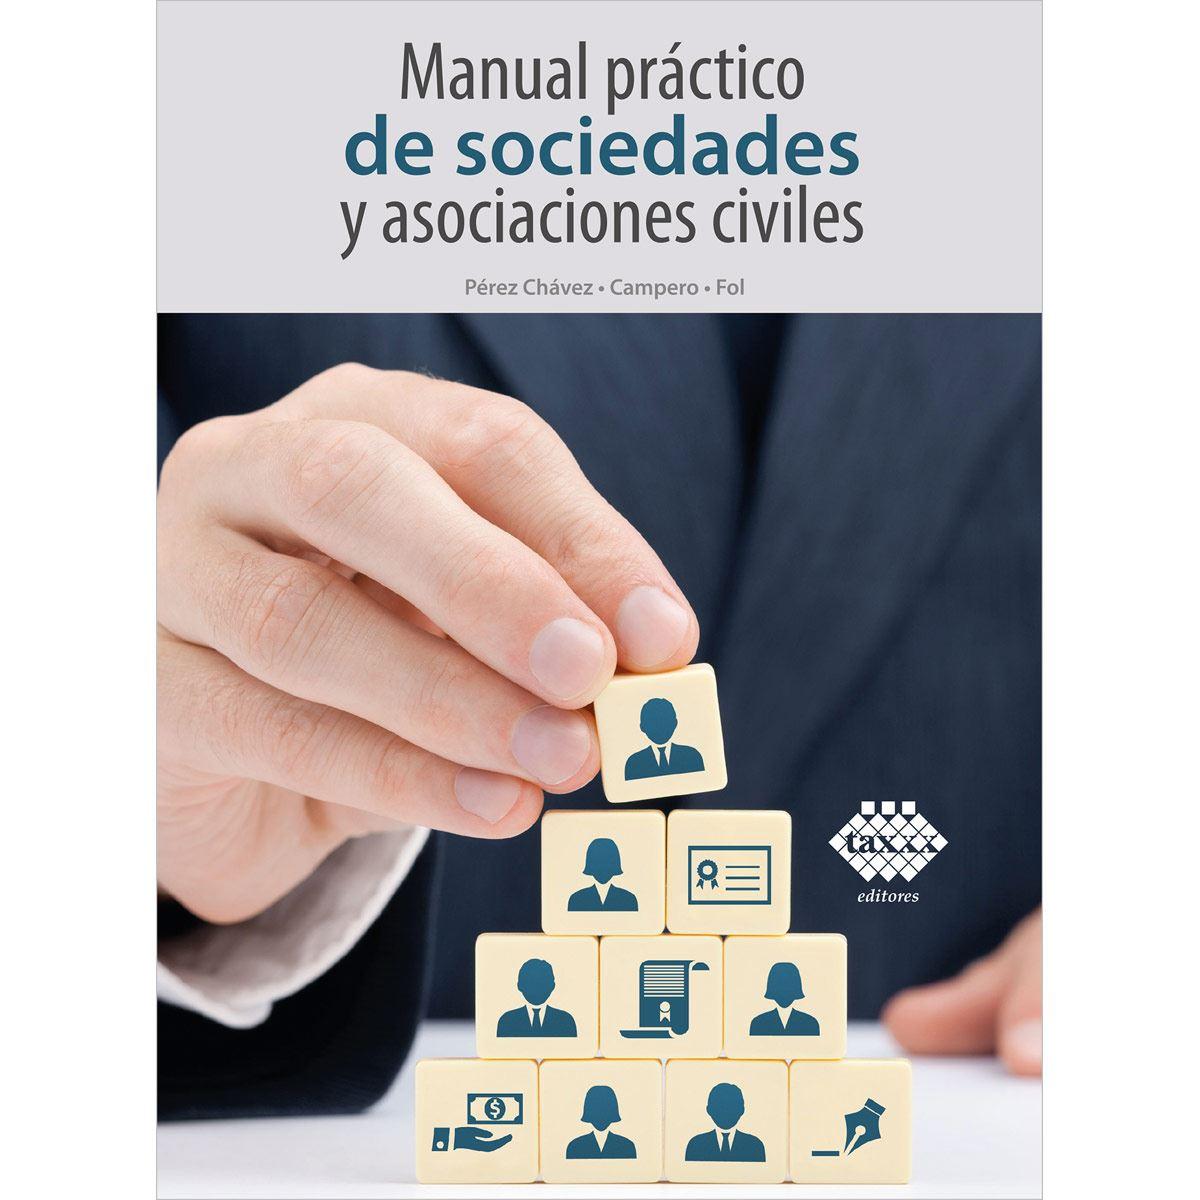 Manual práctico de sociedades y asociaciones civiles 2021